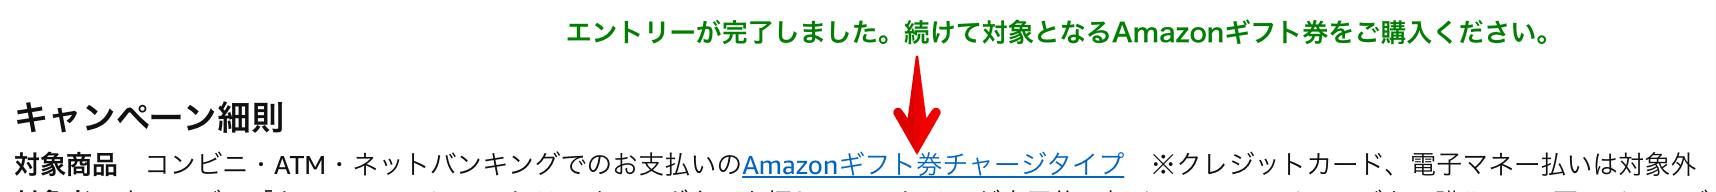 Amazonギフトポイント付与キャンペーンエントリー